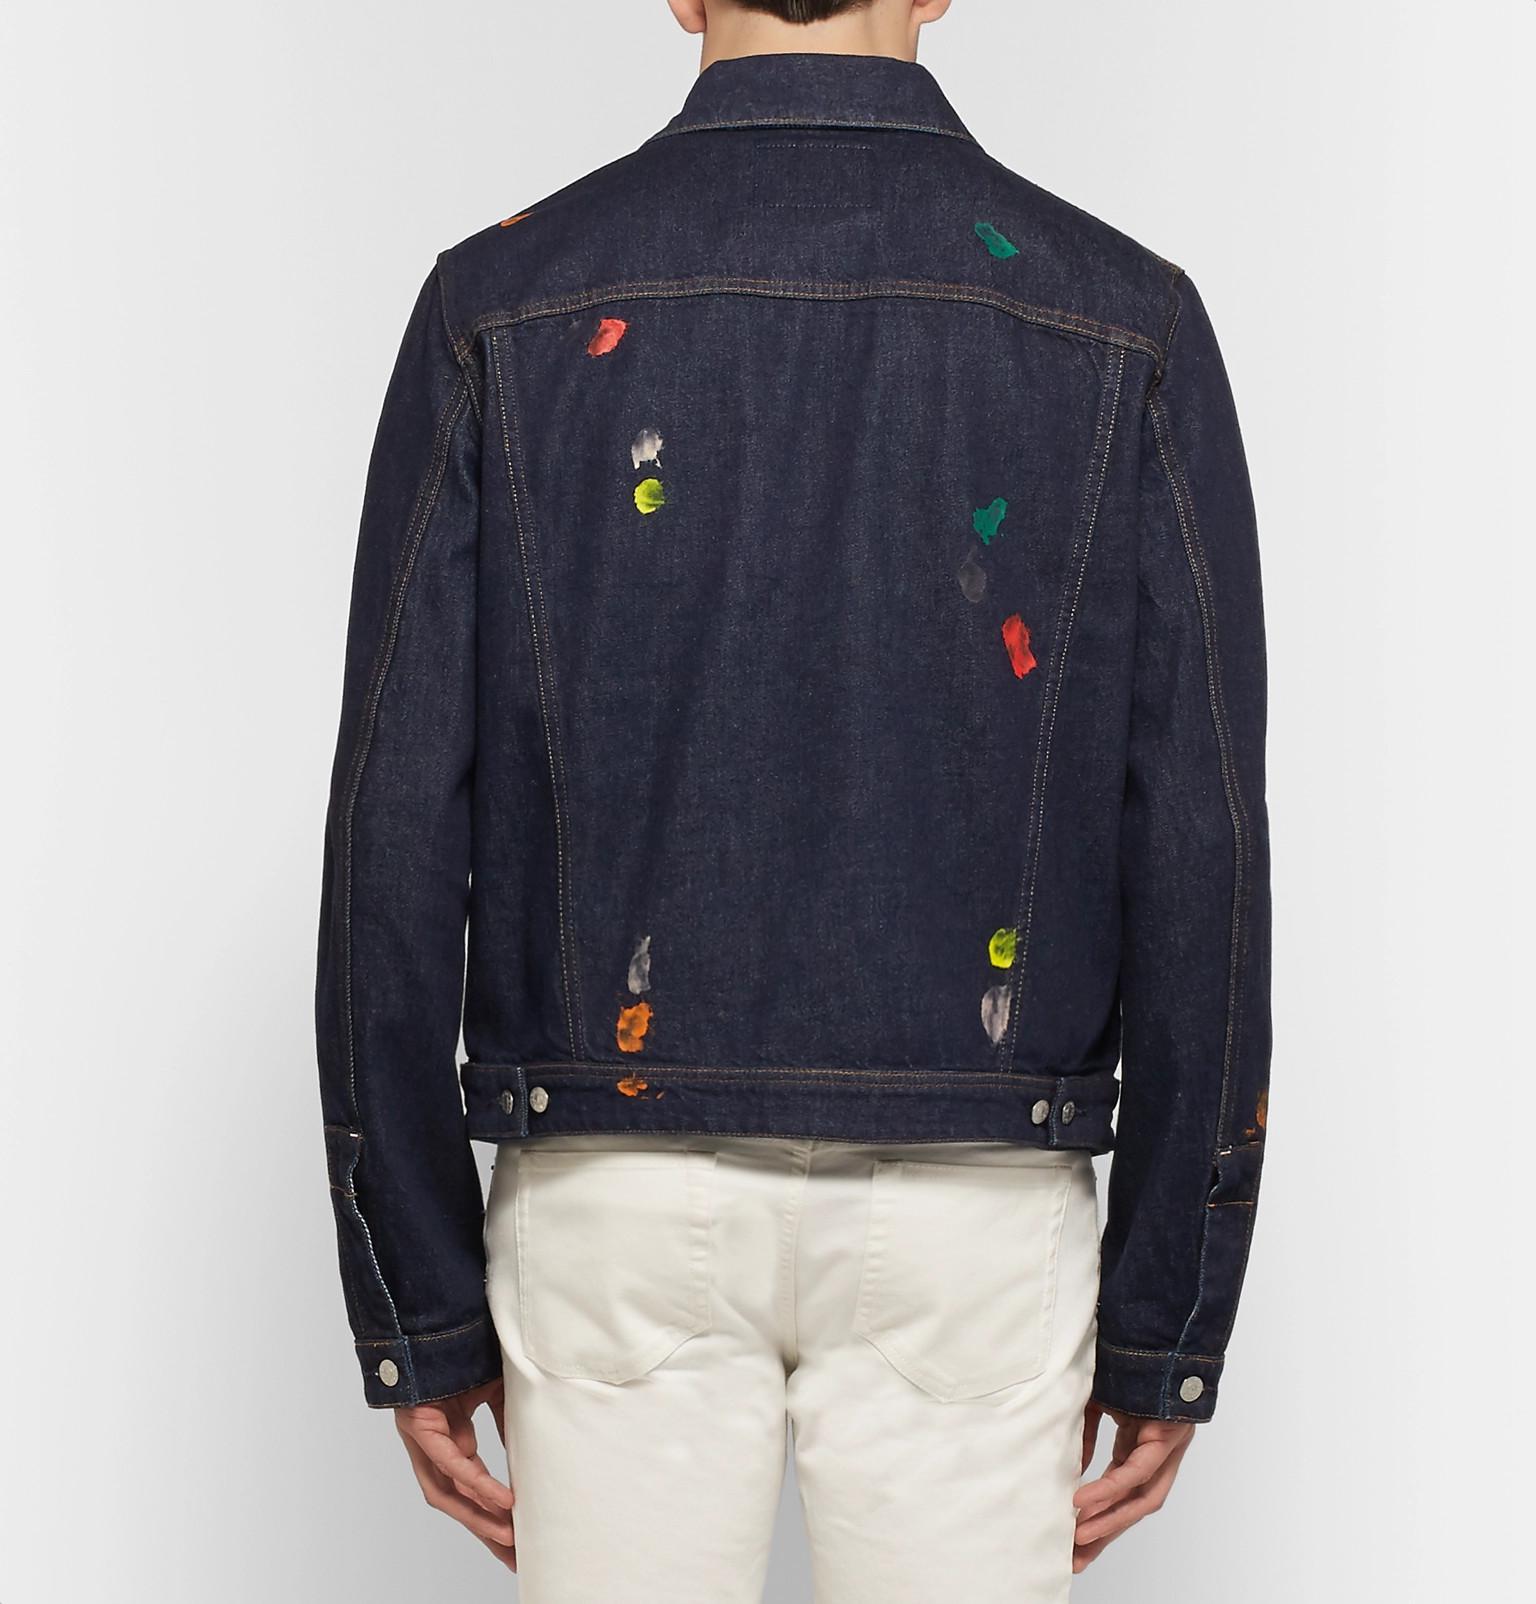 Acne Studios Tent Gum Paint-splattered Denim Jacket in Dark Denim (Blue) for Men